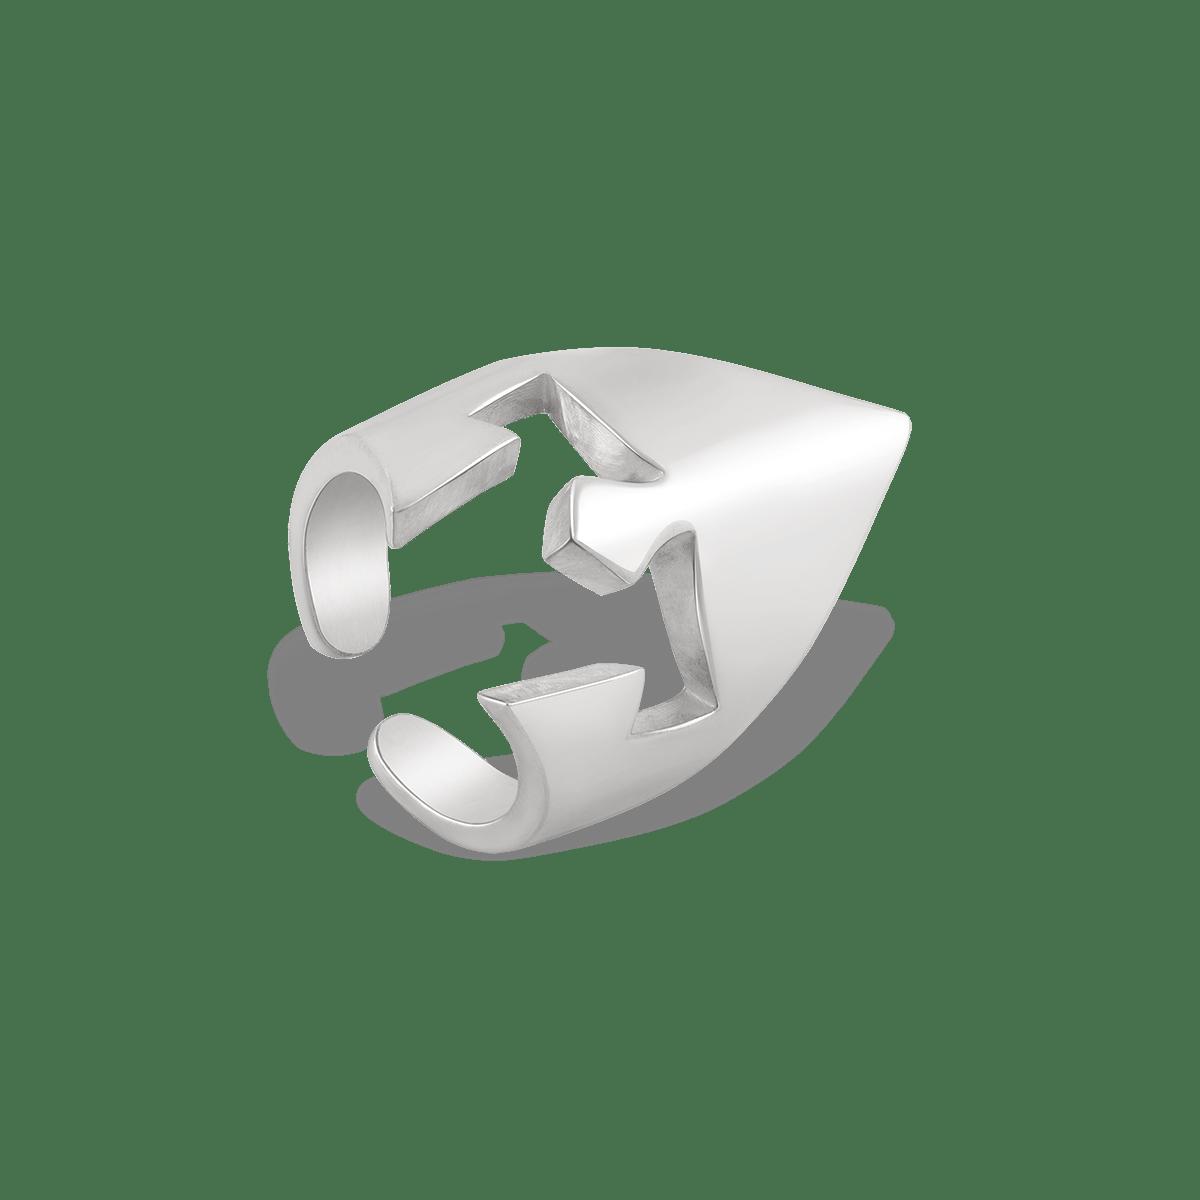 انگشتر نقره گلادیاتور Gladiator